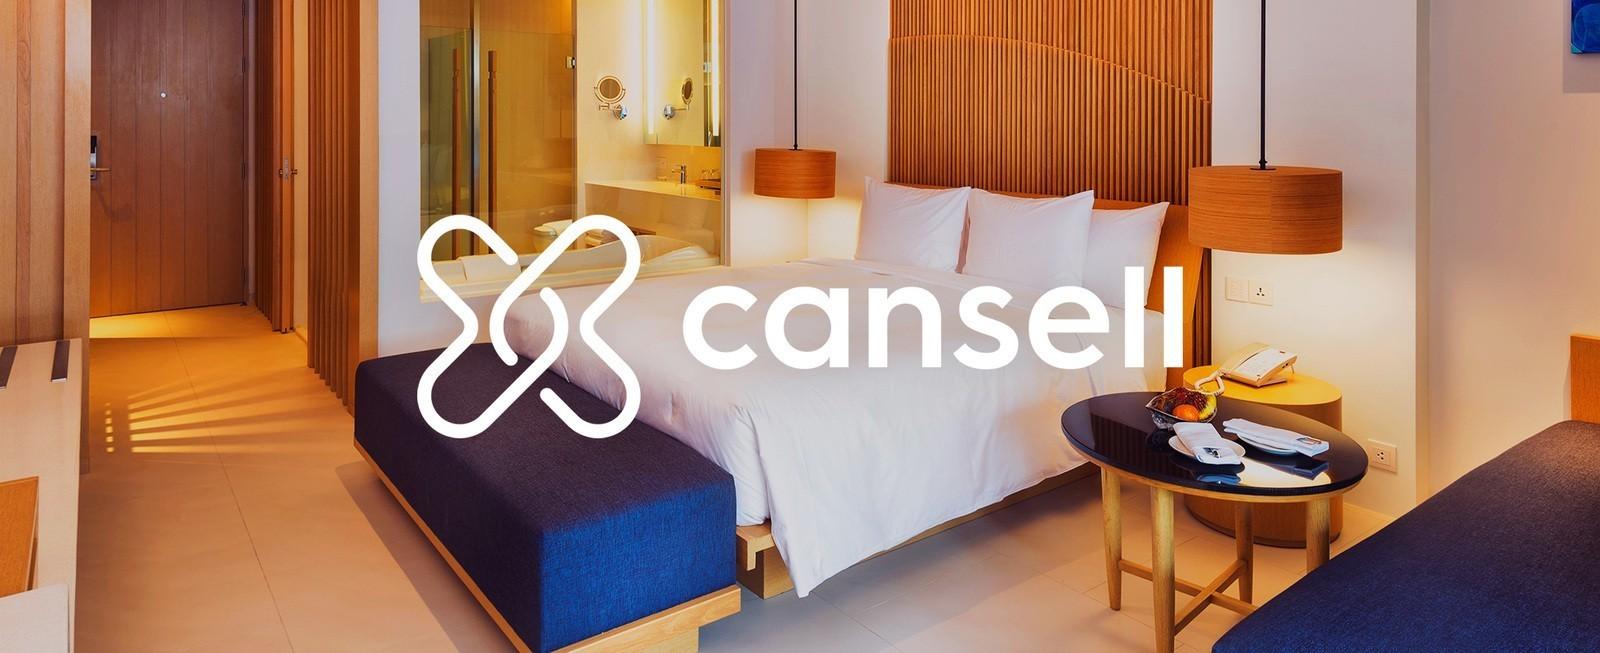 行けなくなったホテルの予約を売買するサービス『Cansell』を開発するWEBエンジニアを募集!